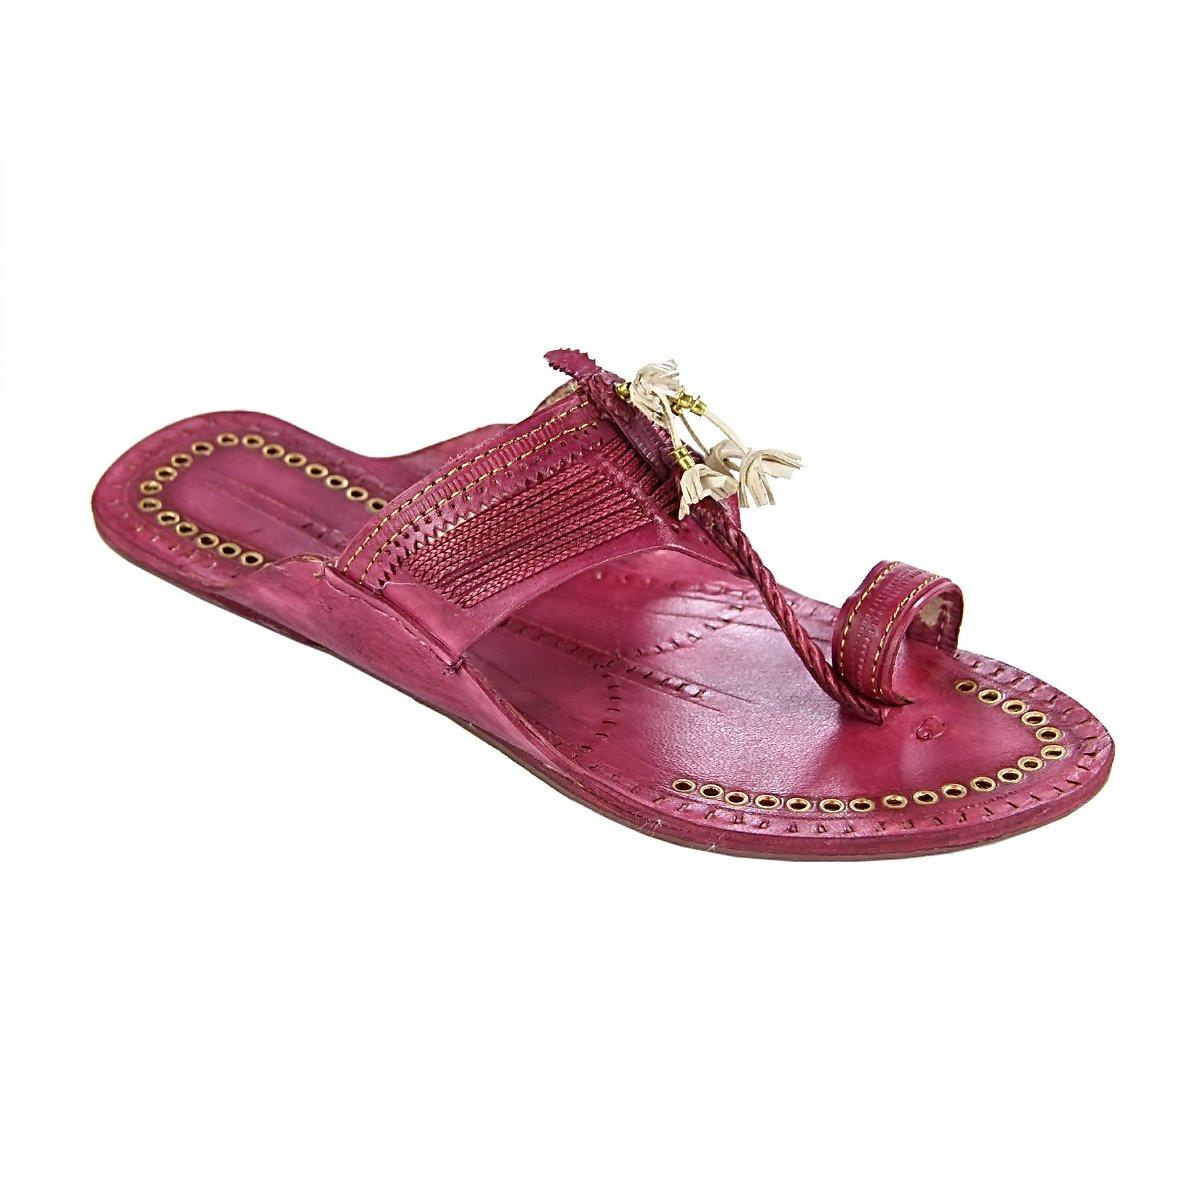 original kolhapuri chappal Artist's braids rubin fine braids Artist's gents slipper sandal B077SZP5LH Sandals 6d6630